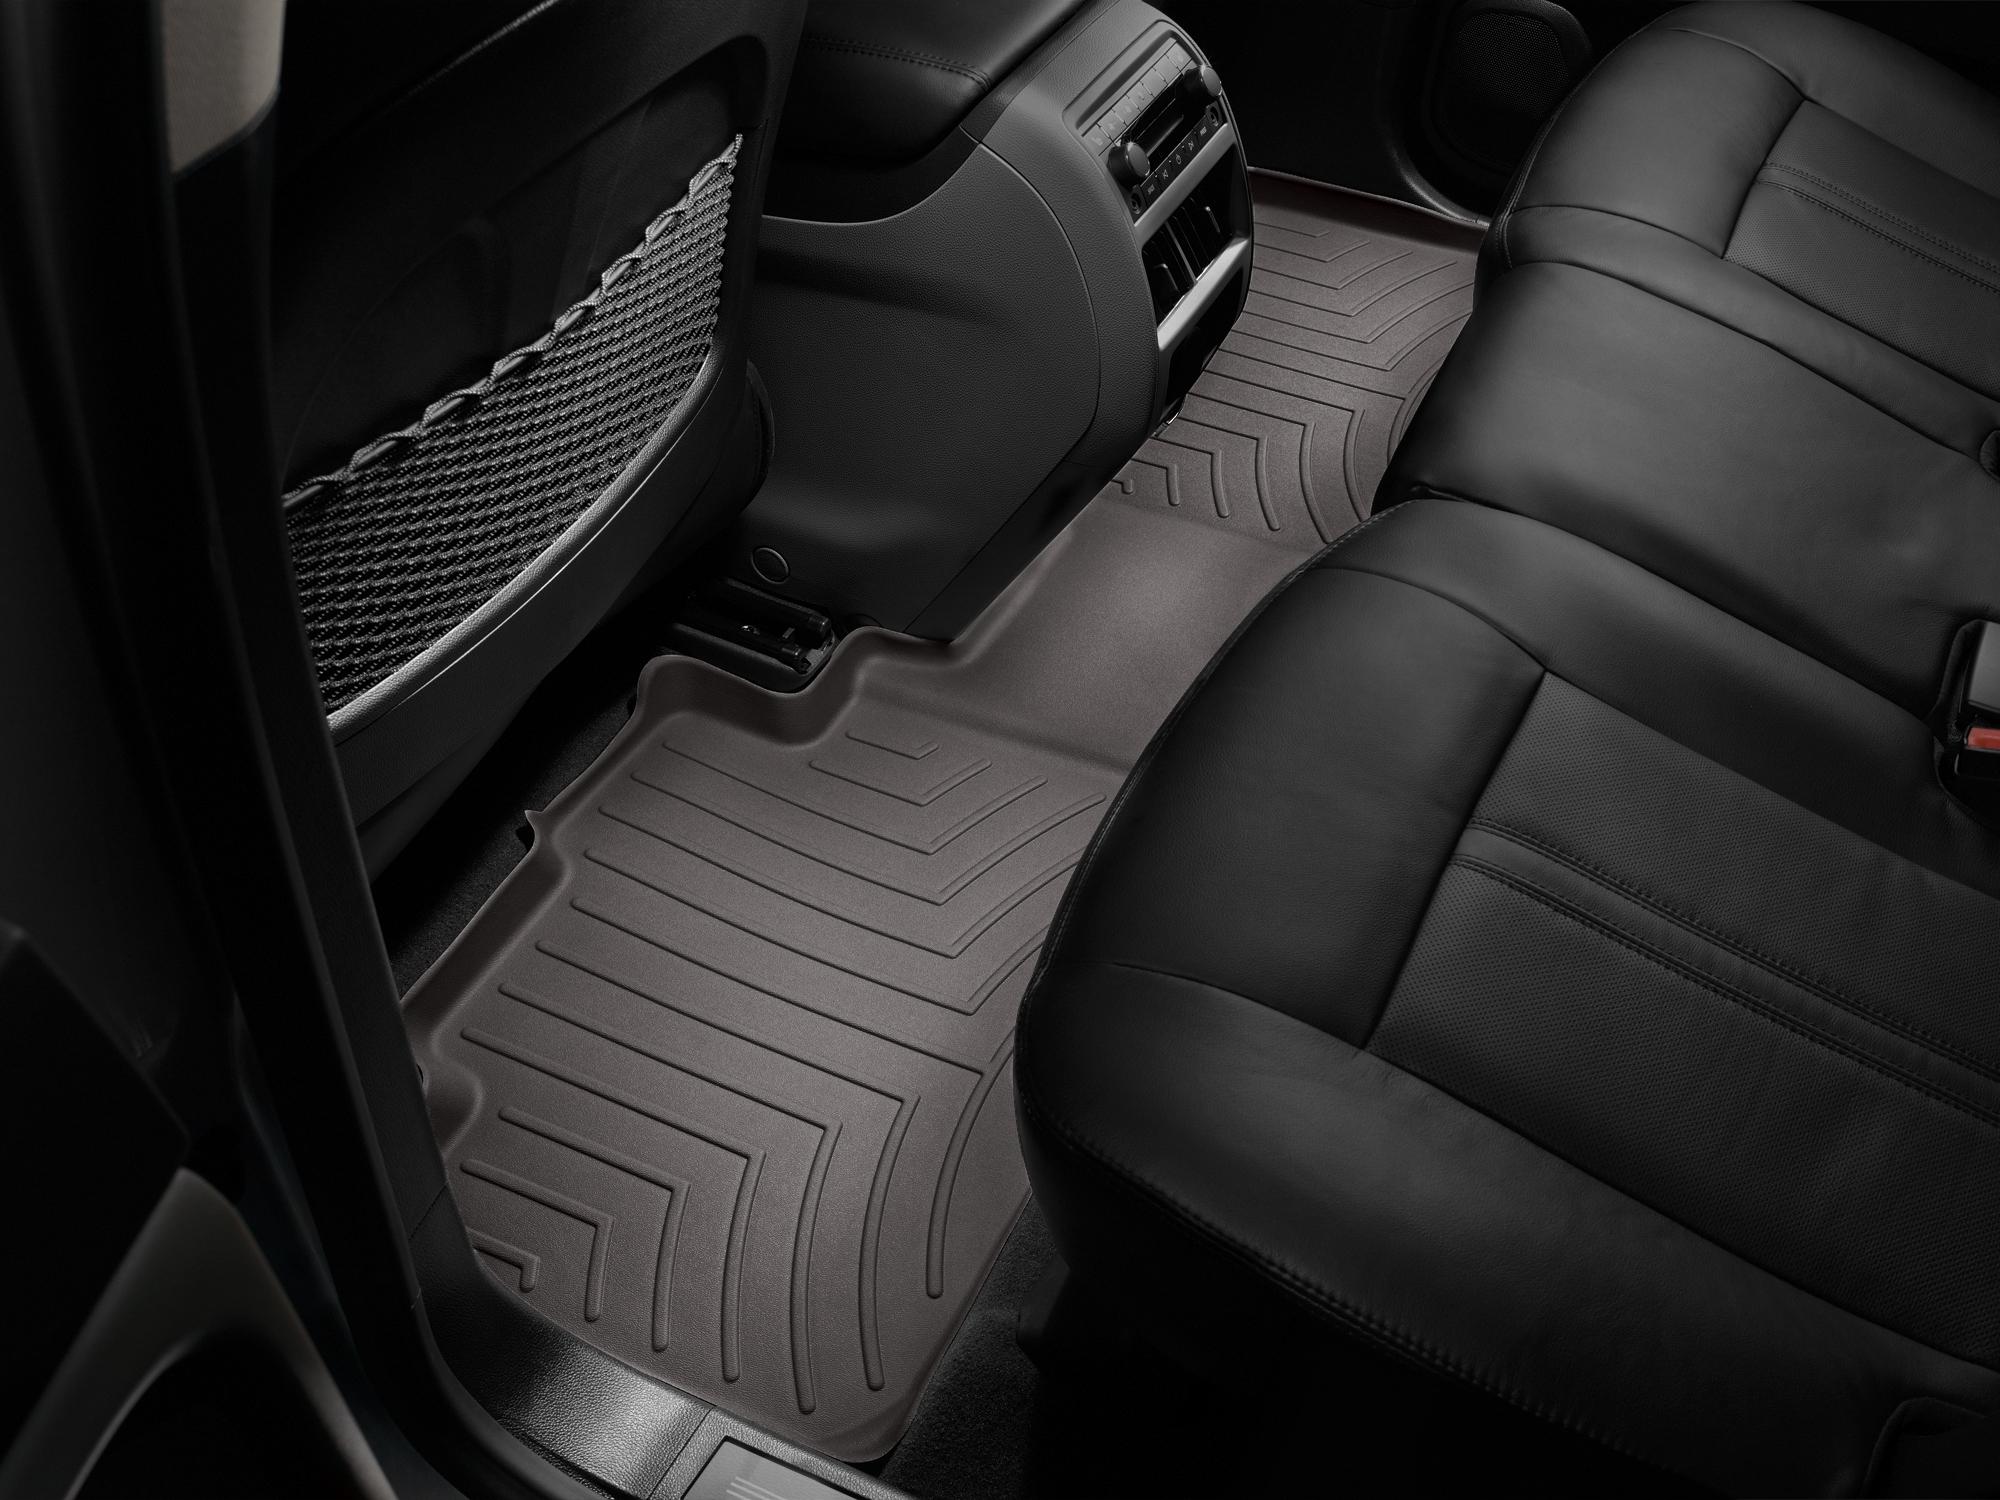 Tappeti gomma su misura bordo alto Cadillac SRX 12>12 Cacao A81*